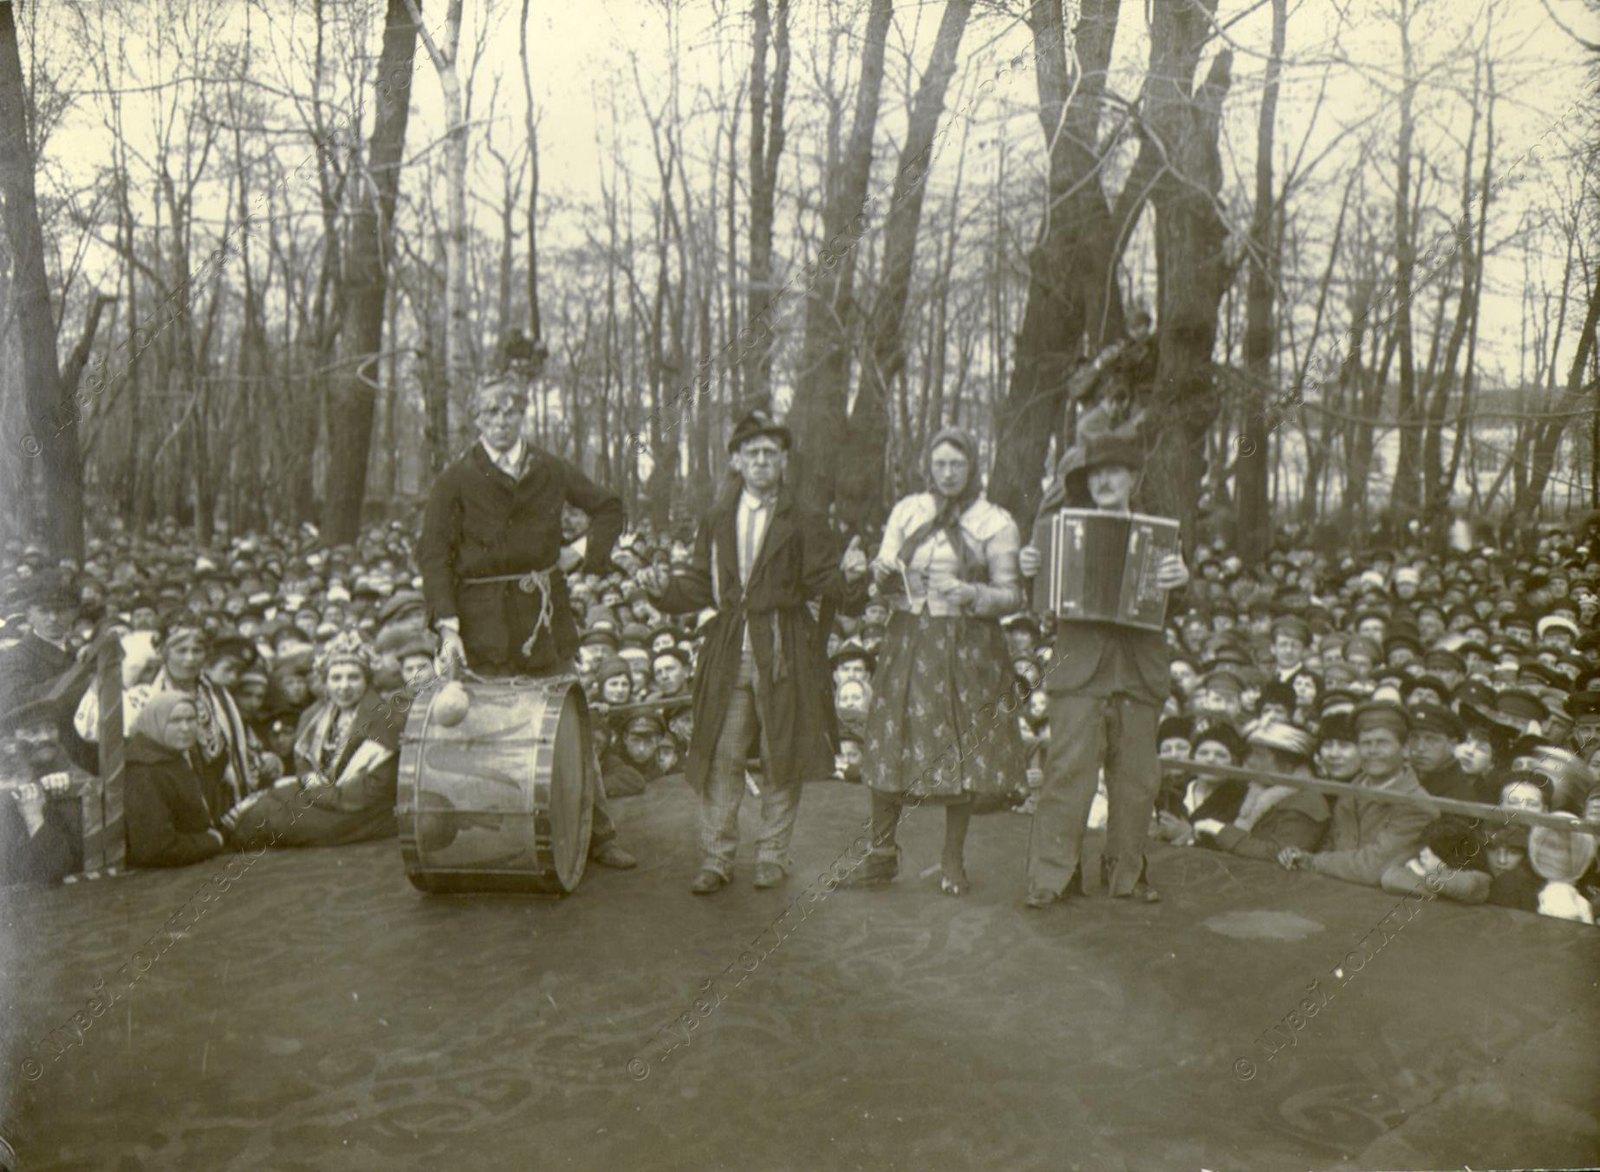 1918. Выступление агитколлектива в одном из пригородных парков Петроградской губернии